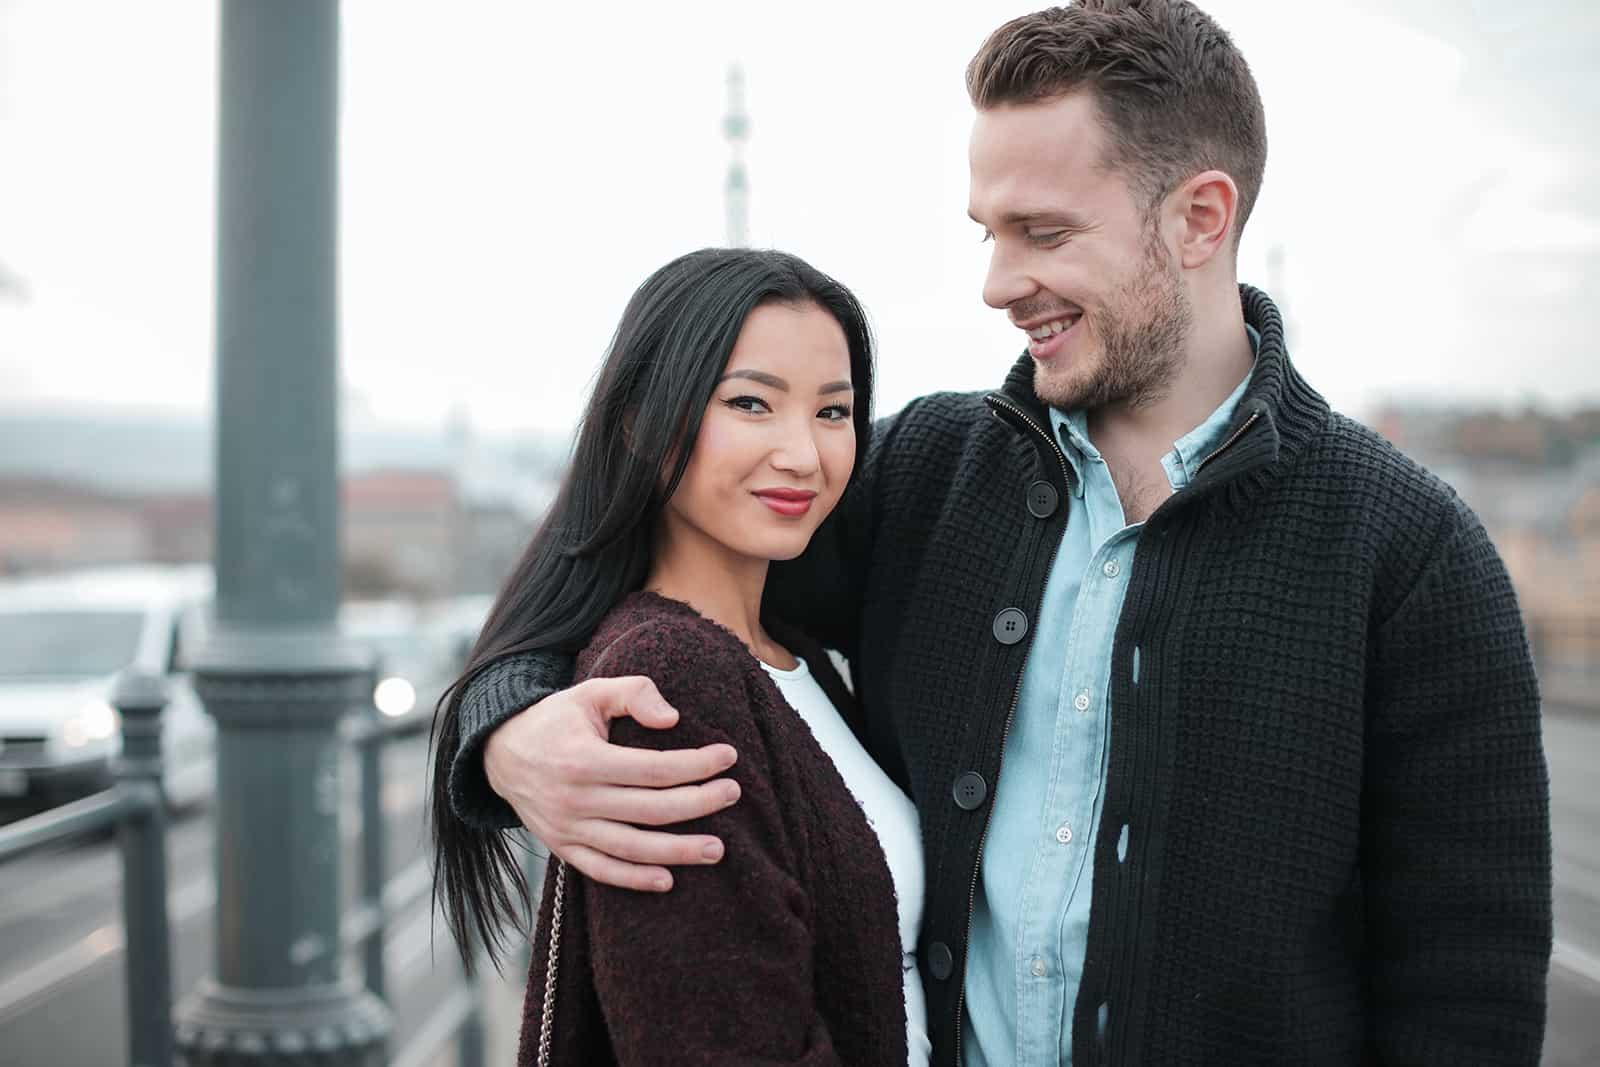 homme amoureux embrassant sa petite amie et la regardant